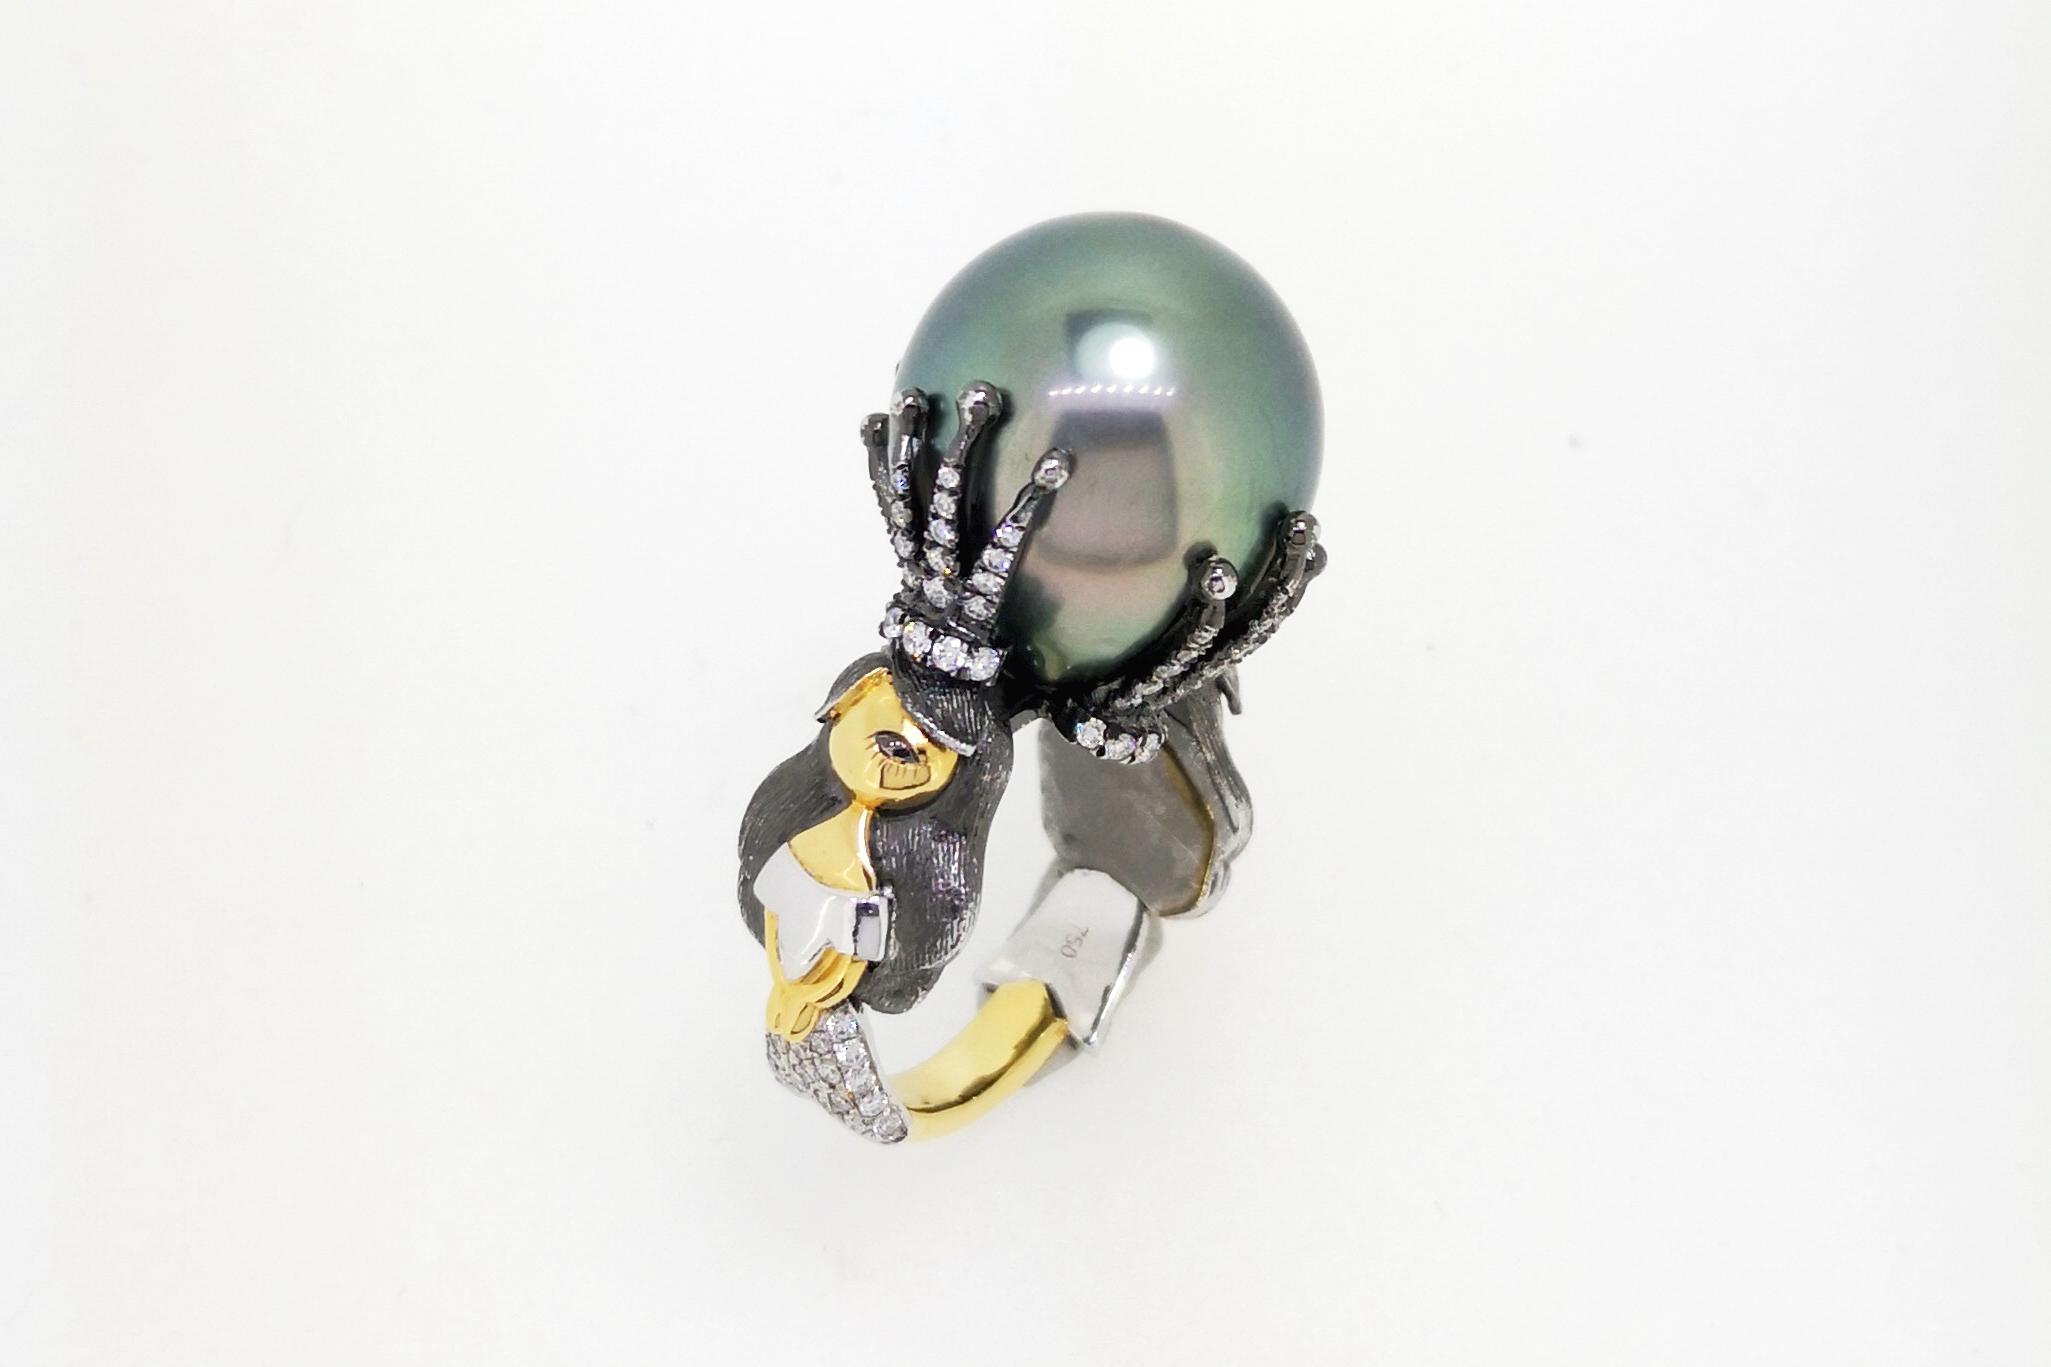 Confetti by Mui delfi orchard pearl ring